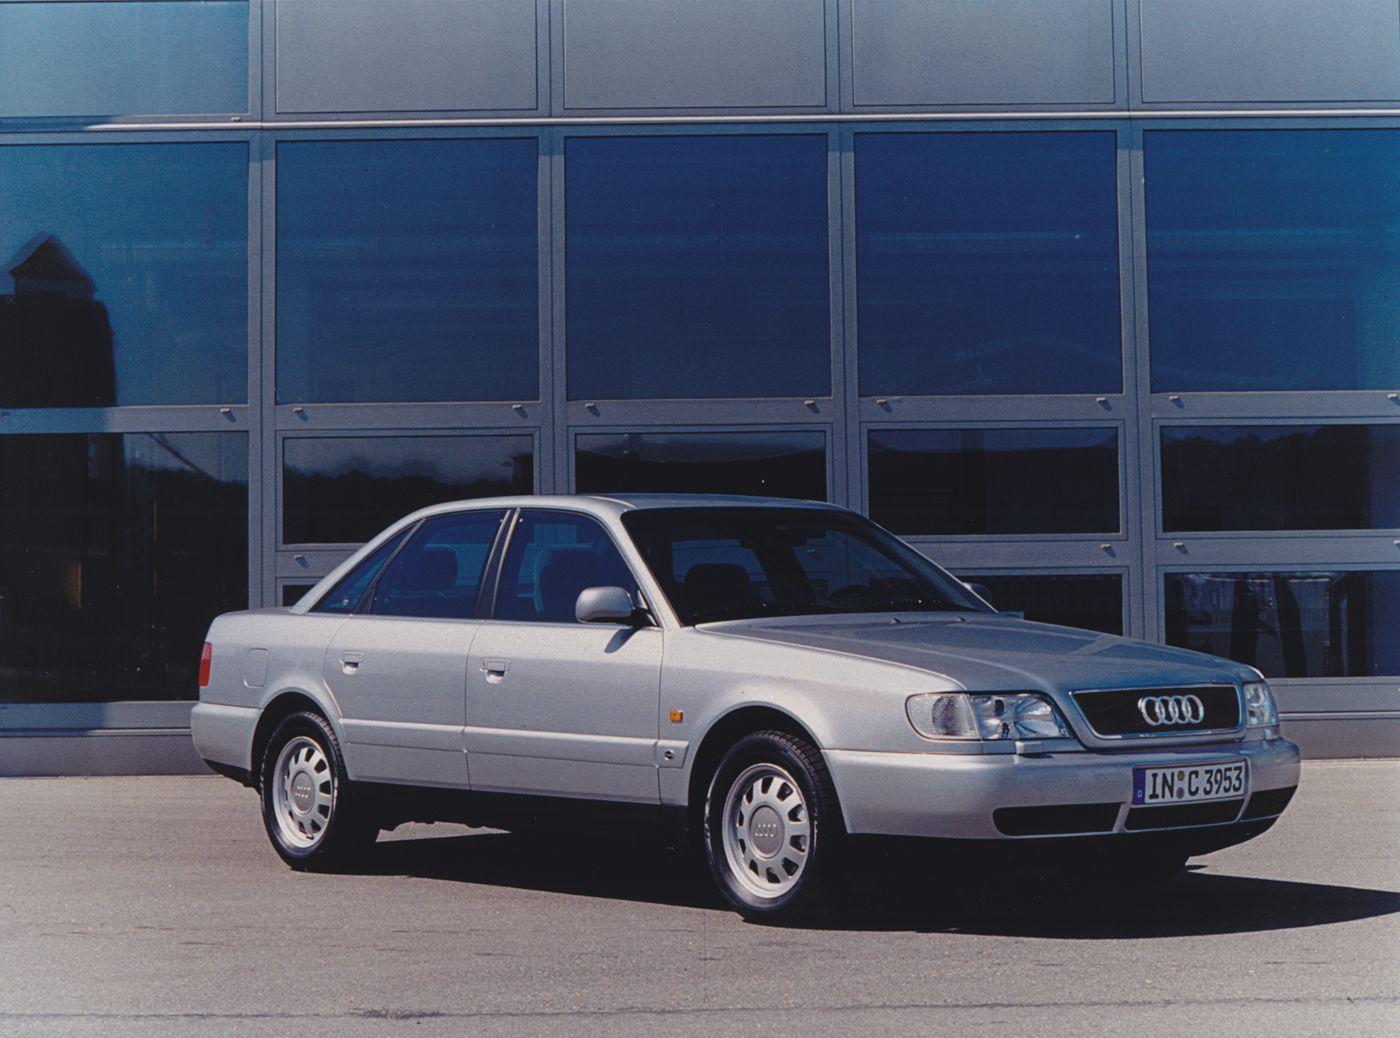 Audi A6 2.8 (IAA, 09/95)